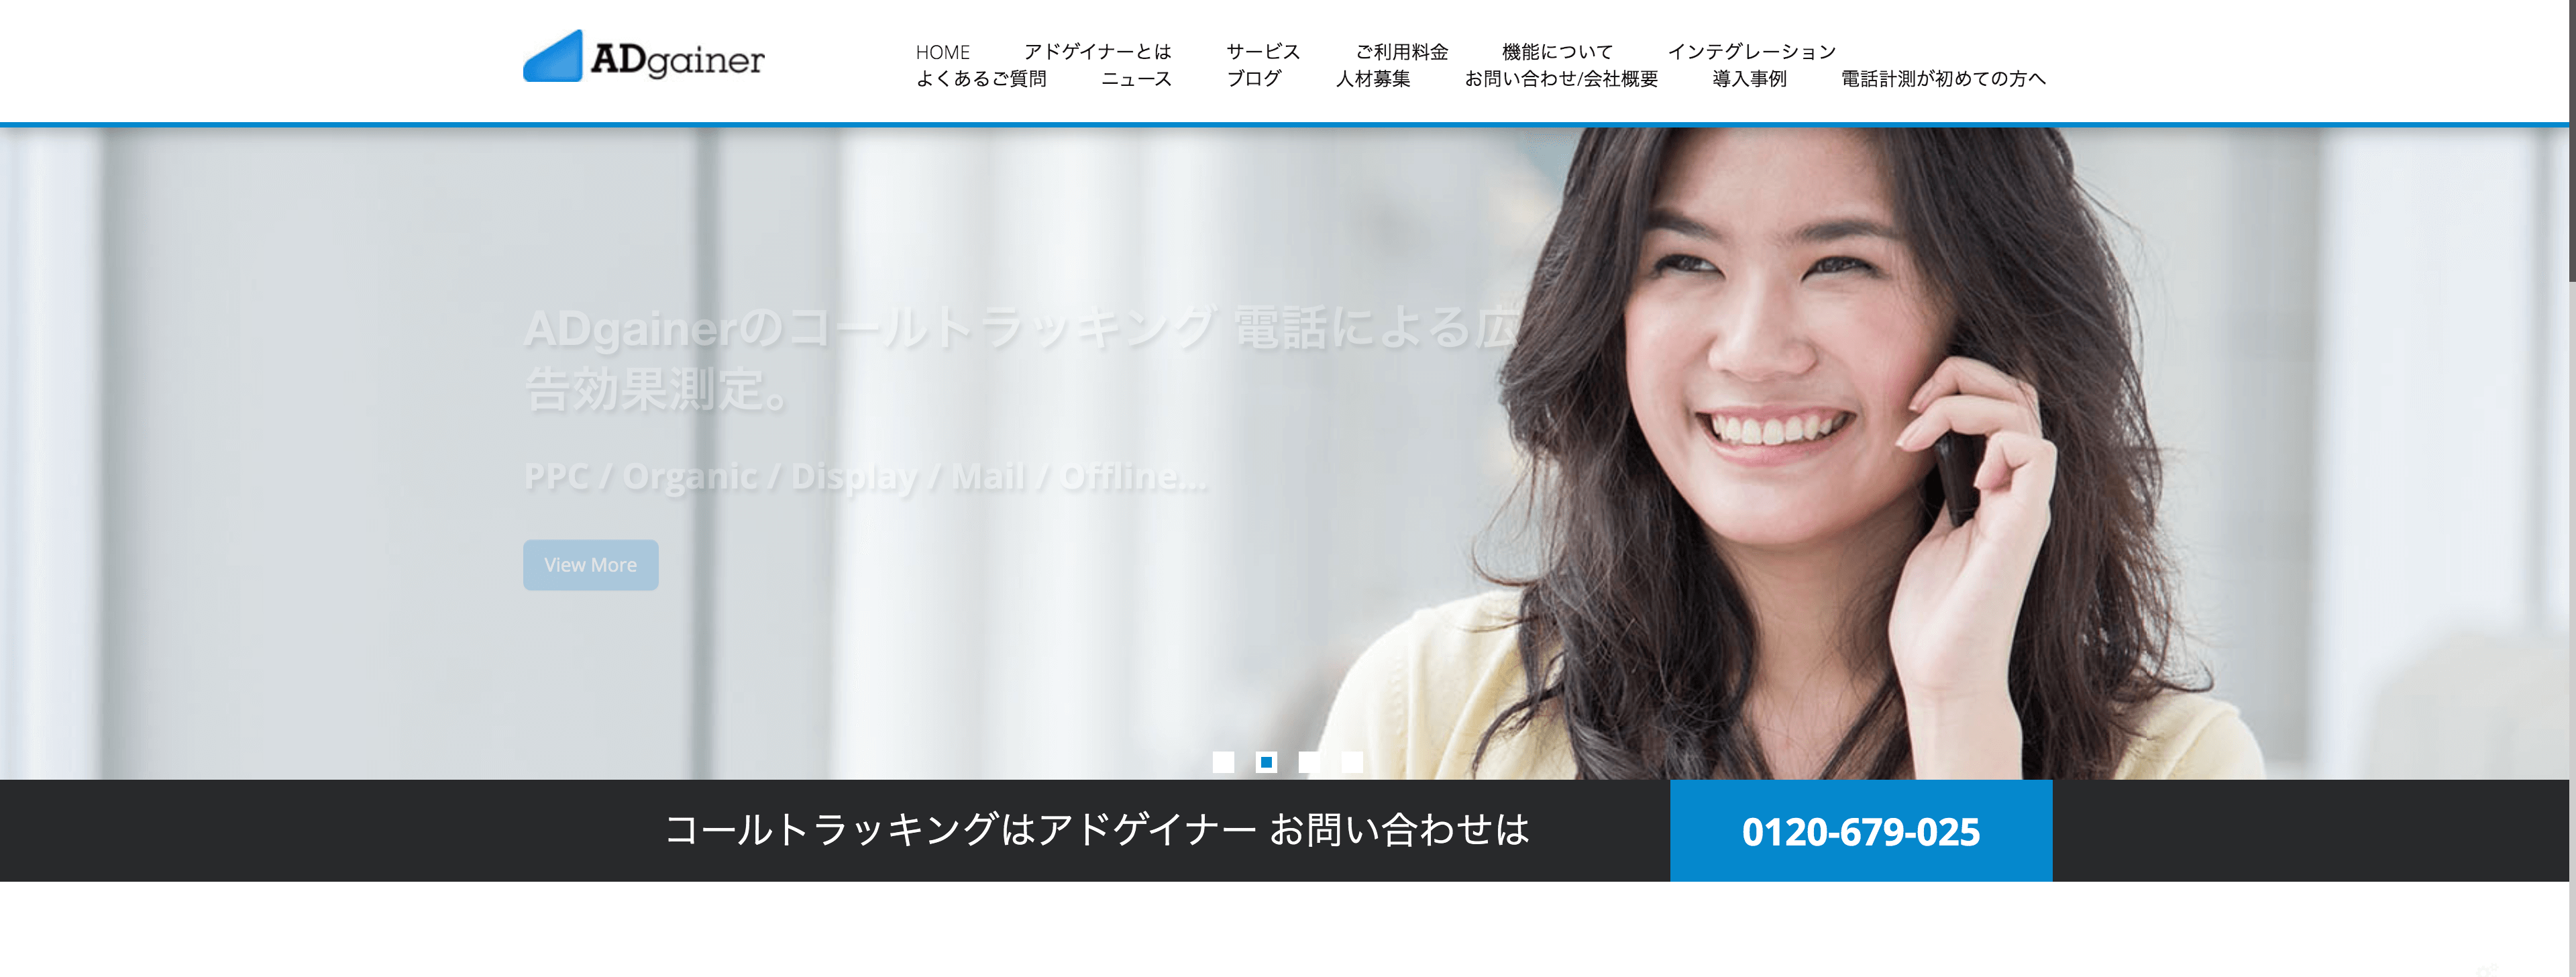 ADgainerコールトラッキングのサイト画面